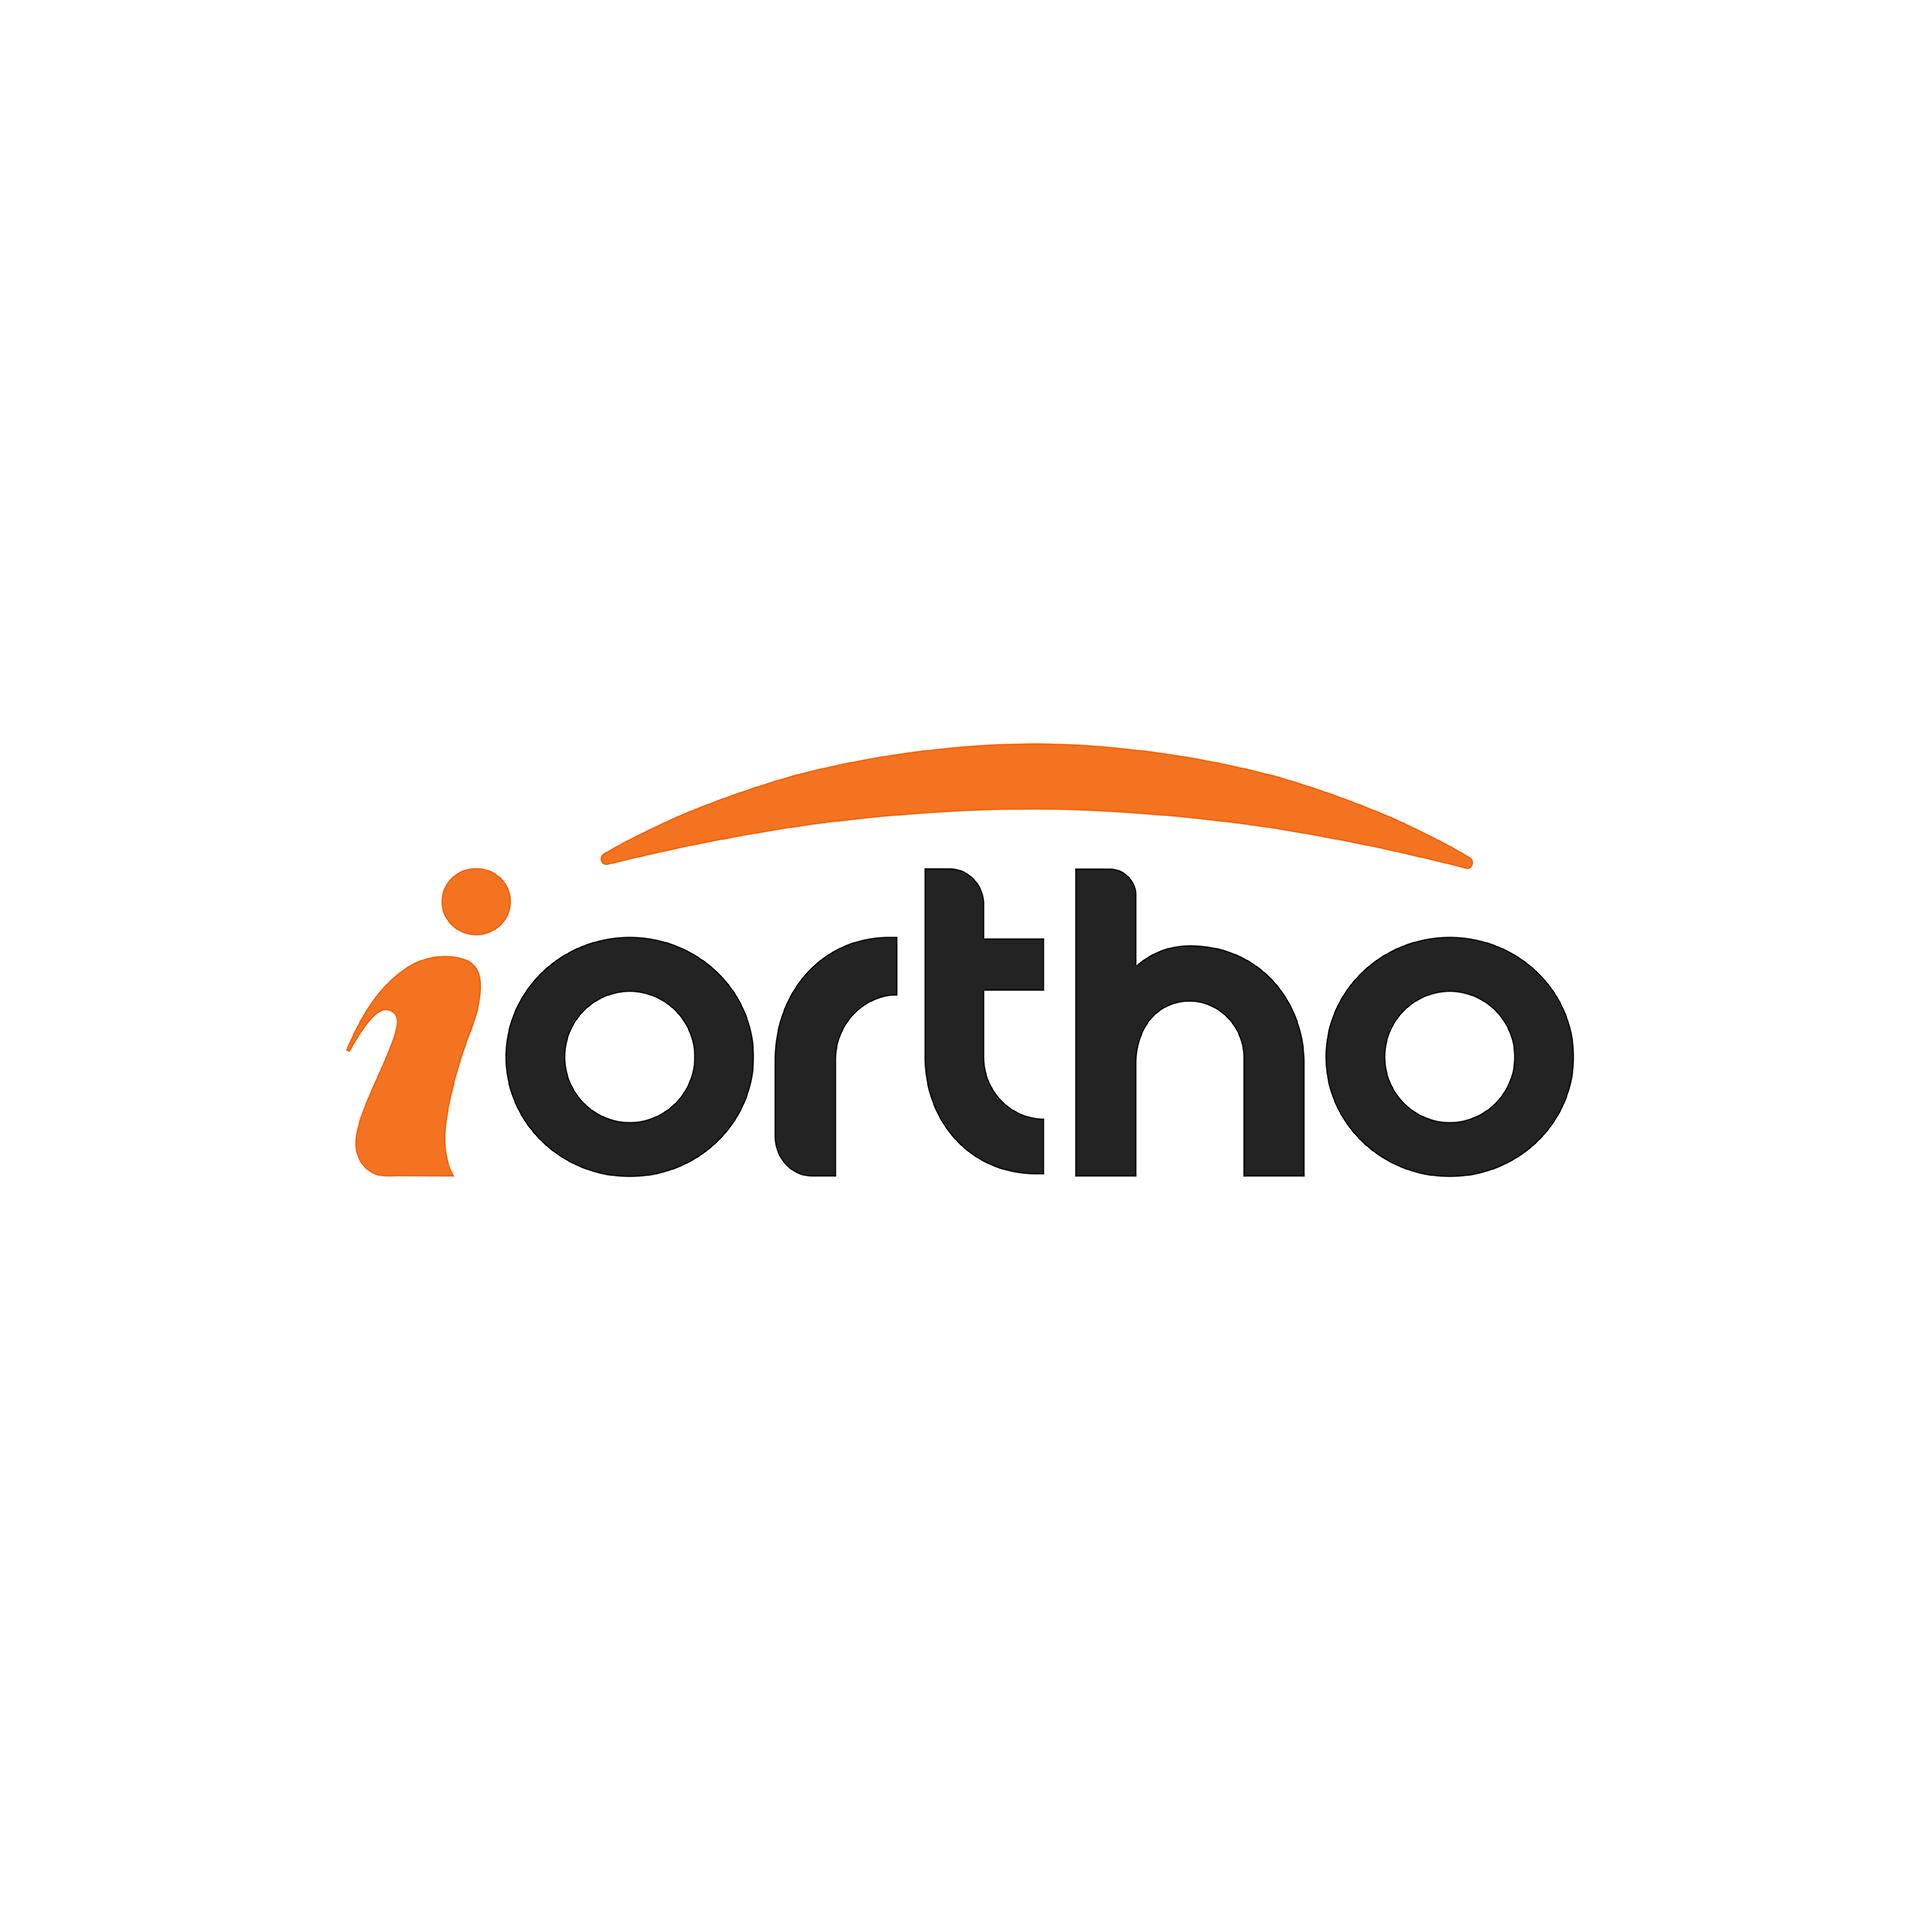 IOrtho